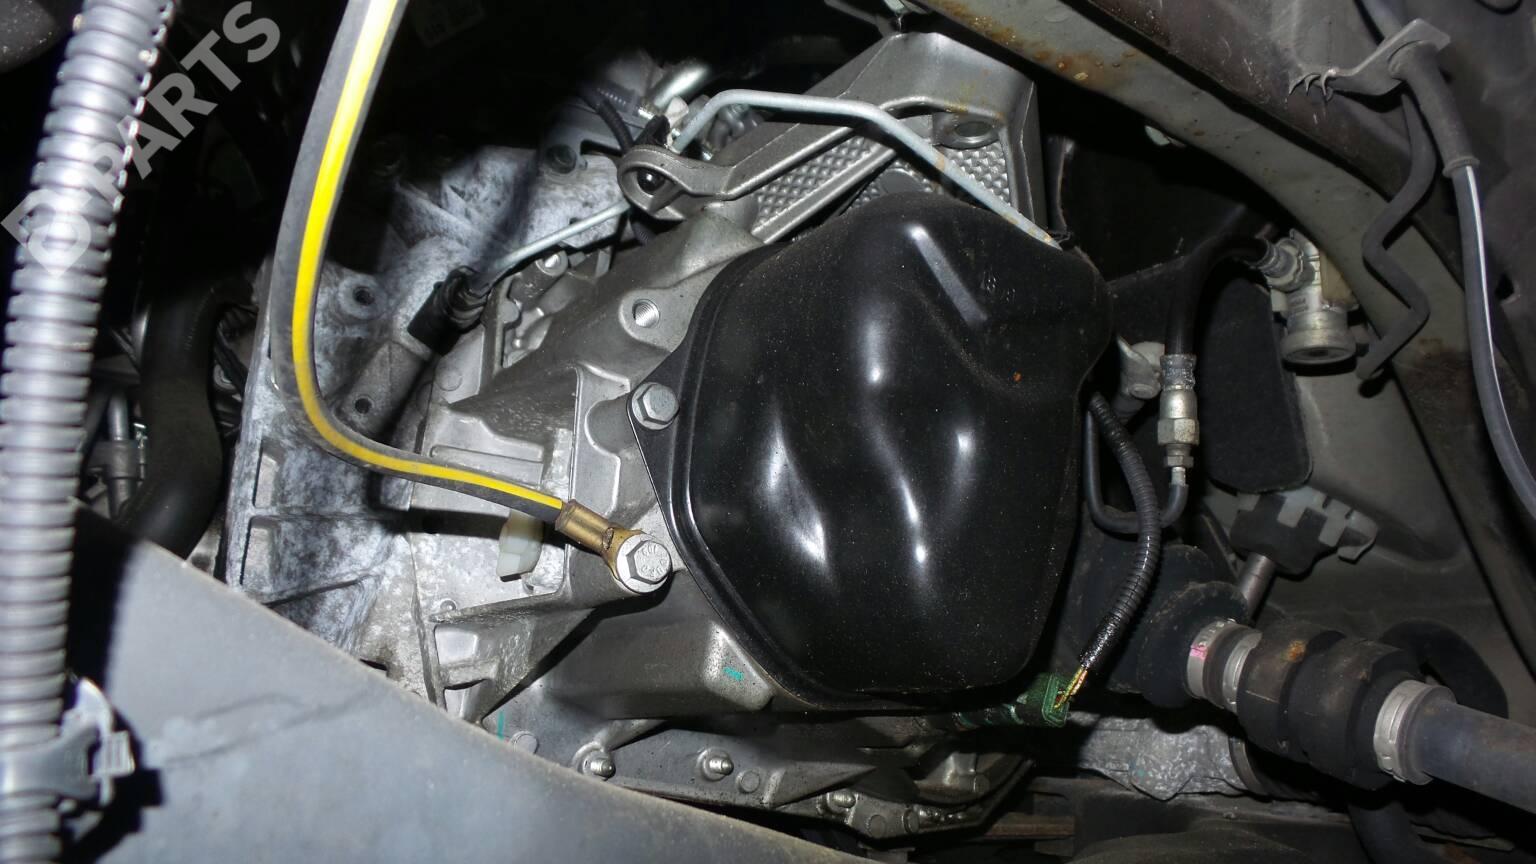 Manual Gearbox Nissan Qashqai 2 I J10 Jj10 16 40463 Alternator Wiring Diagram Jr5 132